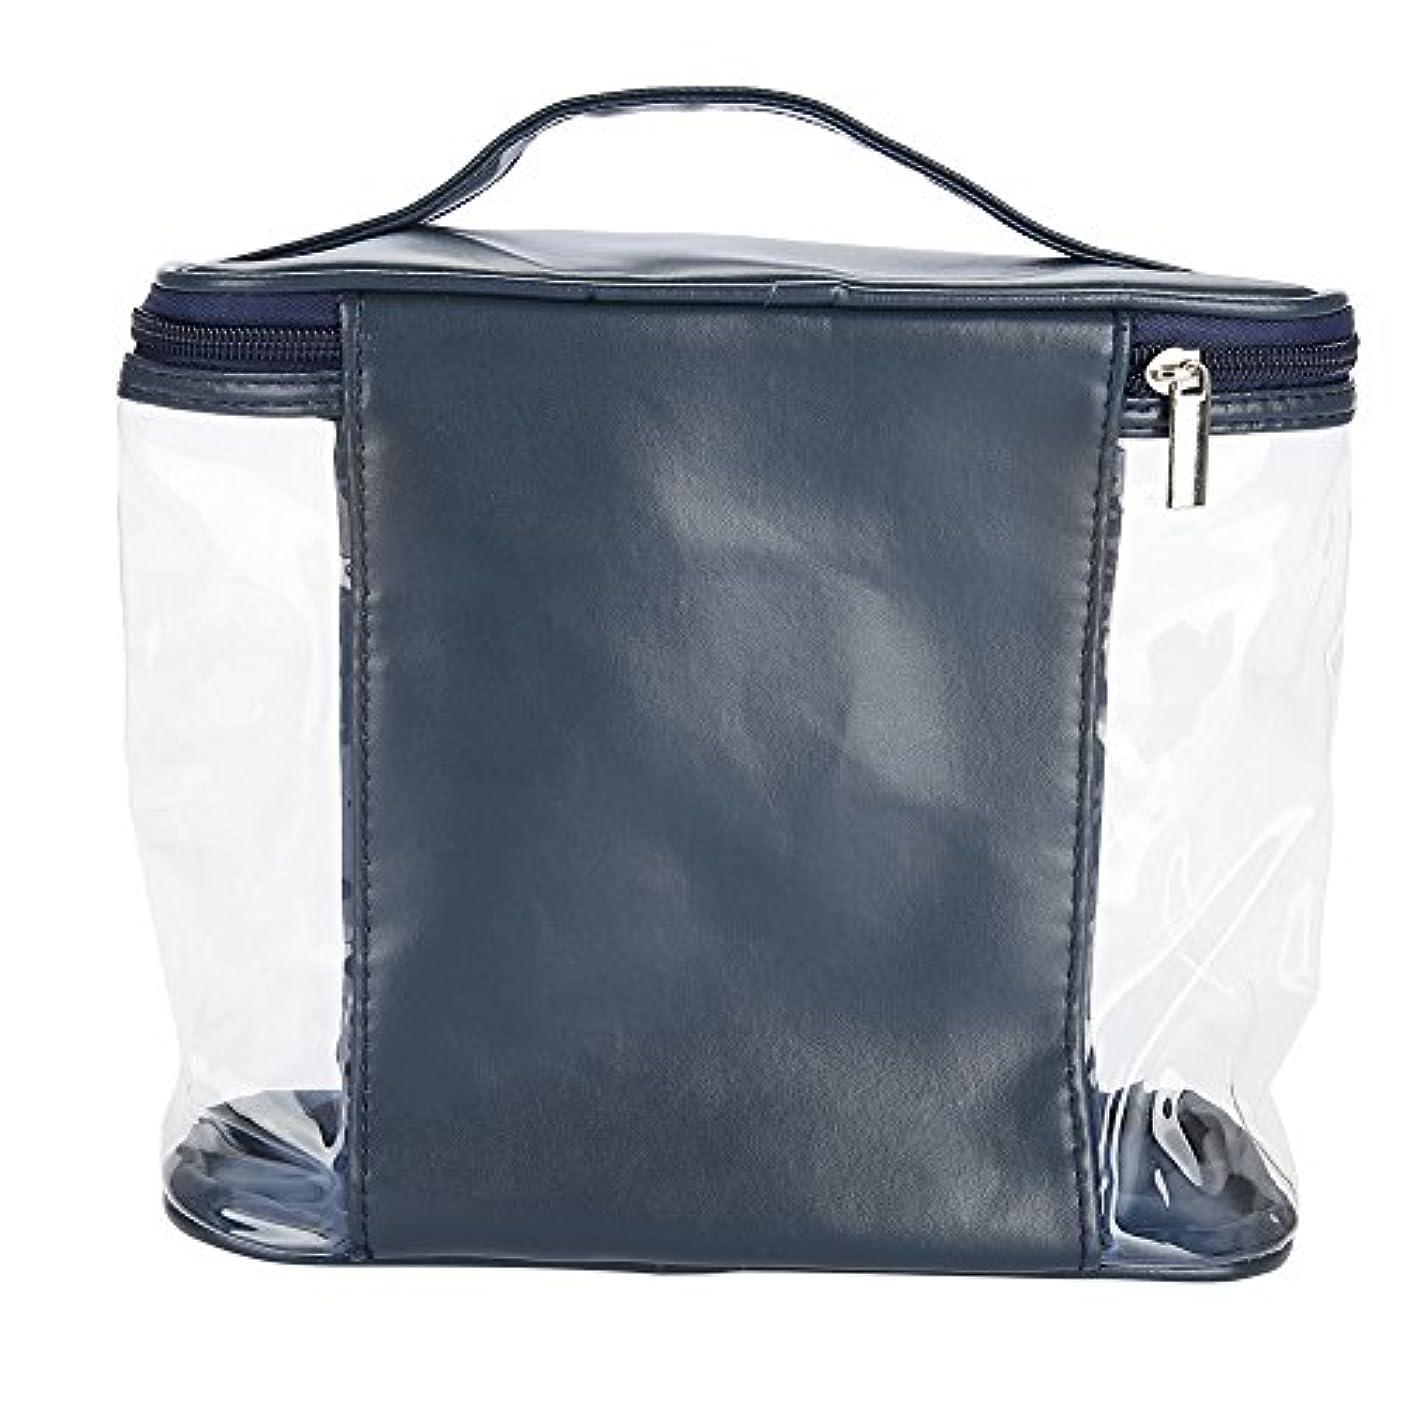 注目すべき単に読みやすい化粧ポーチ 収納 透明バッグ トイレタリーバッグ バスルームポーチ コスメ収納 透明バッグ 洗顔 旅行 出張用 防水 大容量